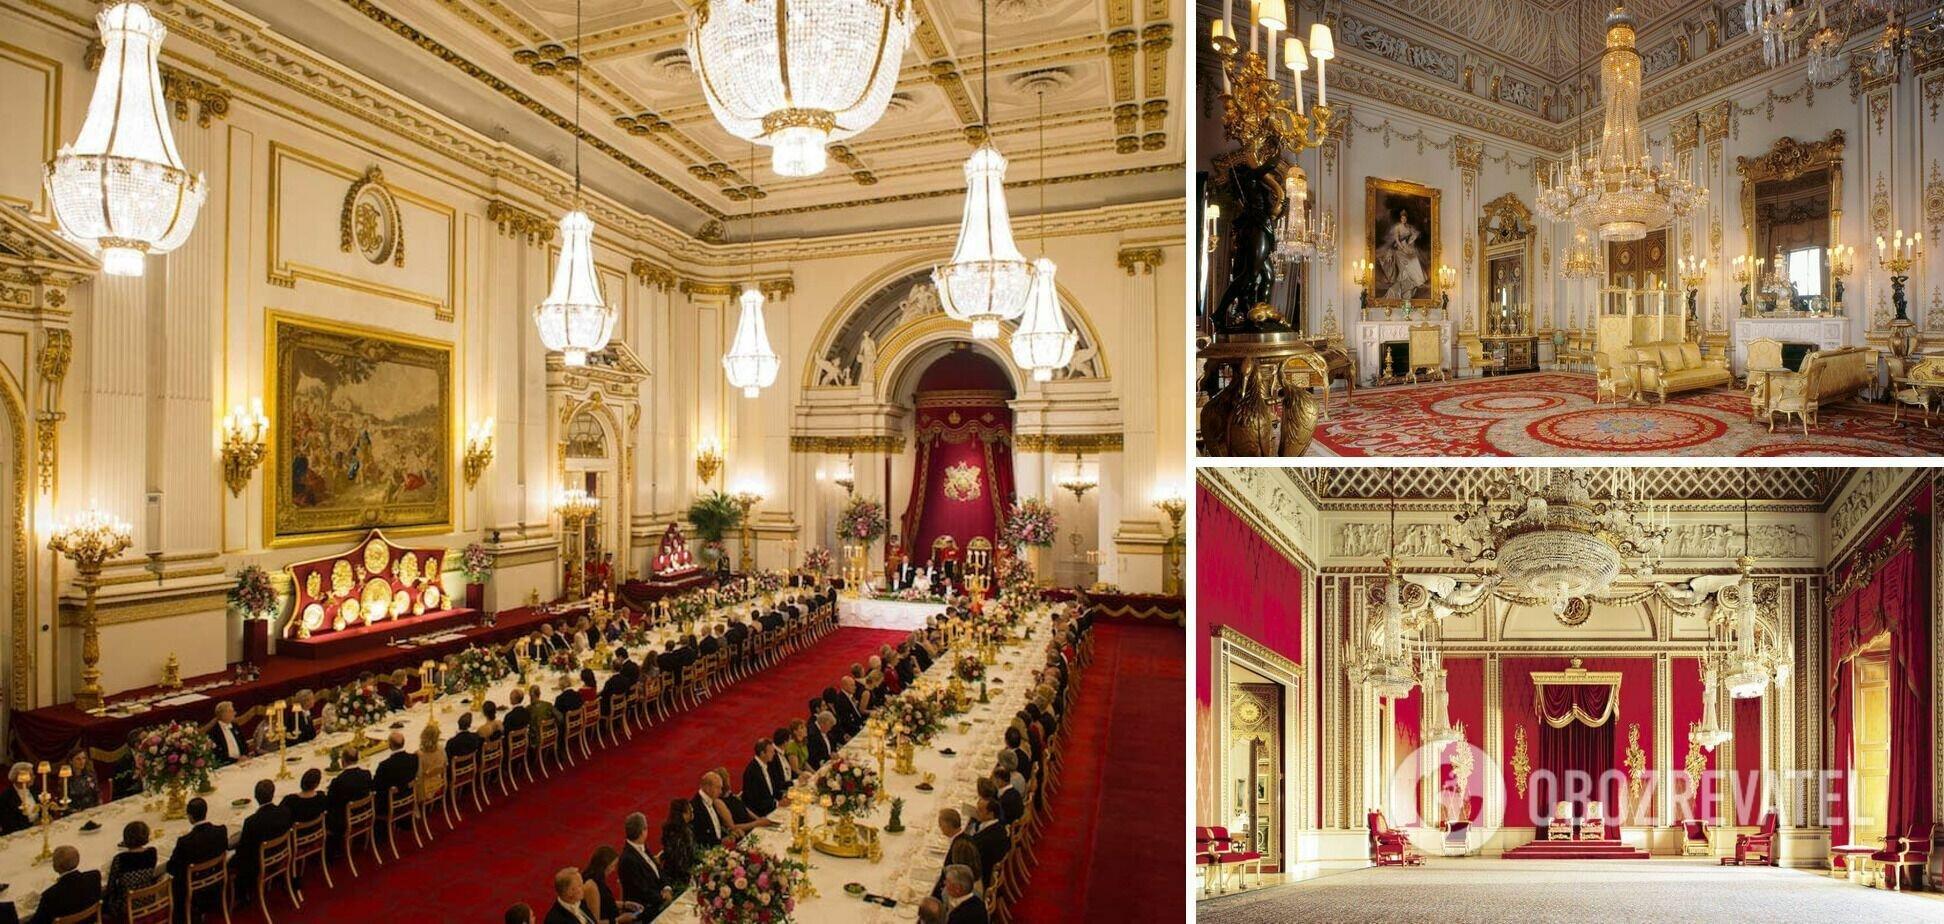 Всем известный Букингемский дворец, в котором проживает королева Елизавета